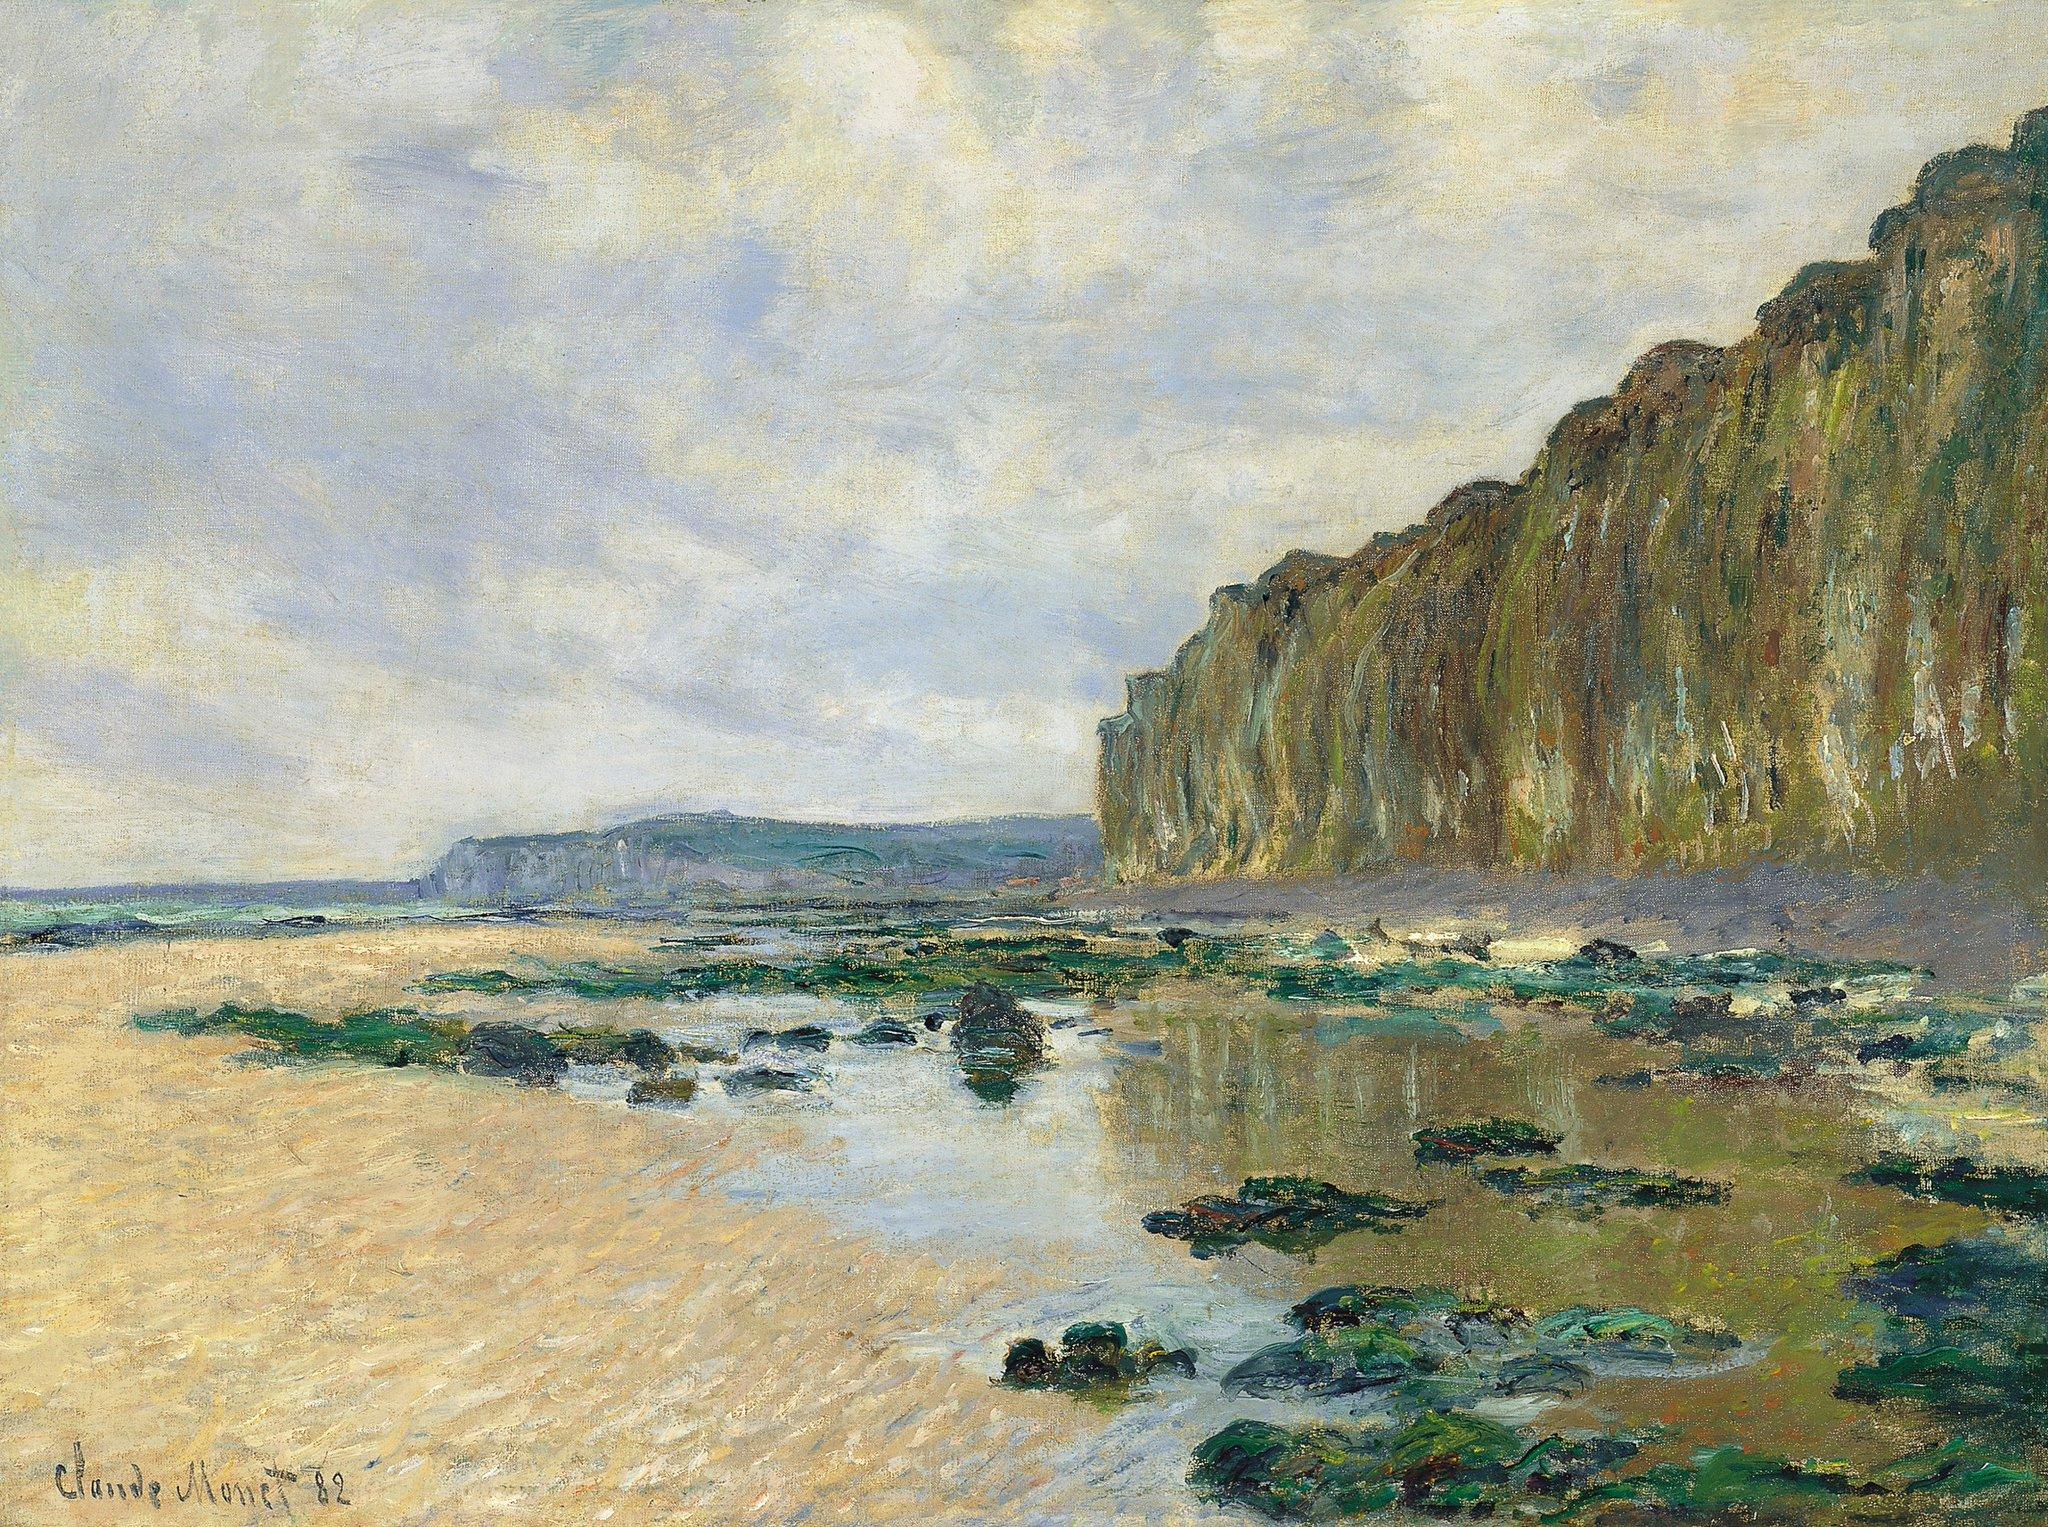 """Hades Exuberante on Twitter: """"#TalDíaComoHoy de 1840 nacía Claude Monet,  uno de los creadores del Impresionismo y uno de los pintores más  reconocidos de finales del Siglo XIX y principios del XX."""